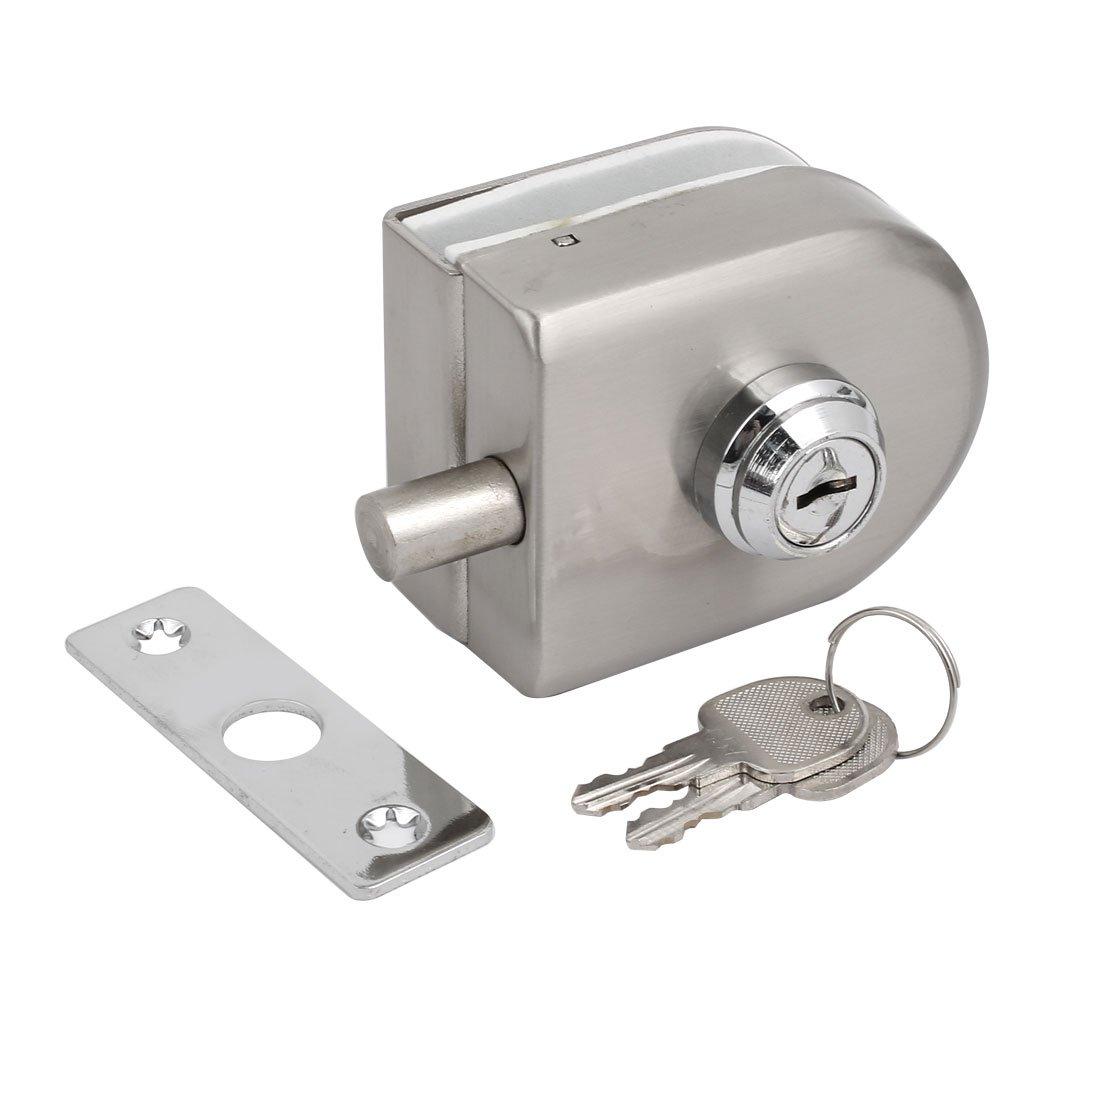 sourcing map Conjunto de cerradura de puerta de 10mm-12mm de grosor de cristal de forma ovalada de acero inoxidable